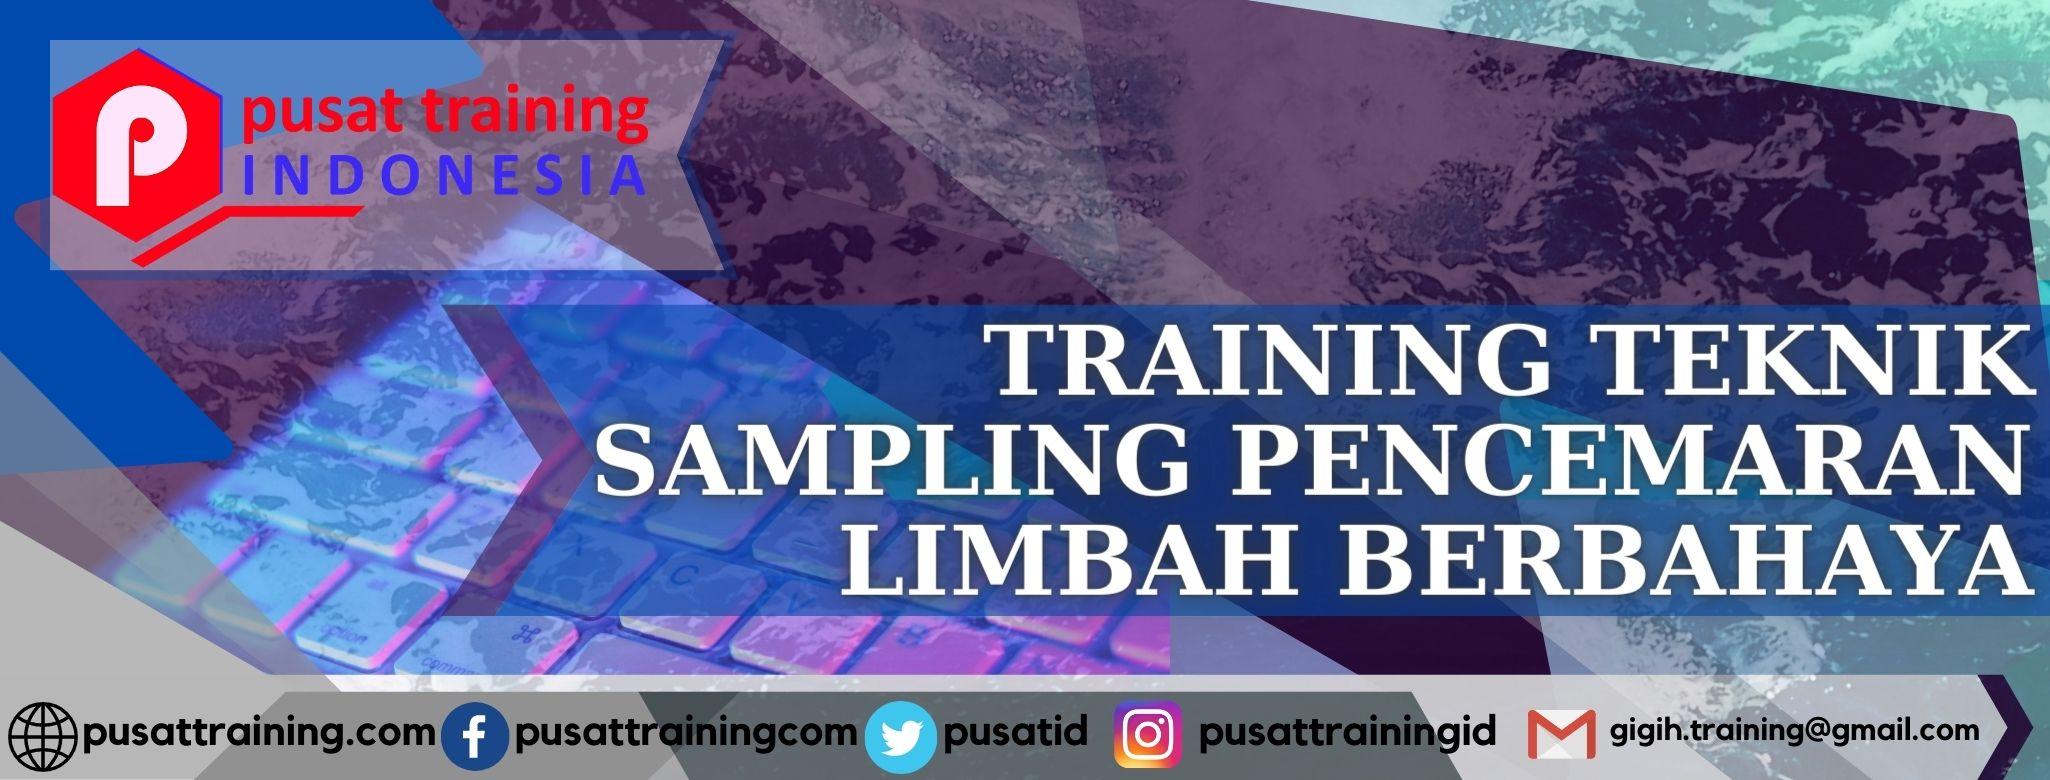 training-teknik-sampling-pencemaran-limbah-berbahaya